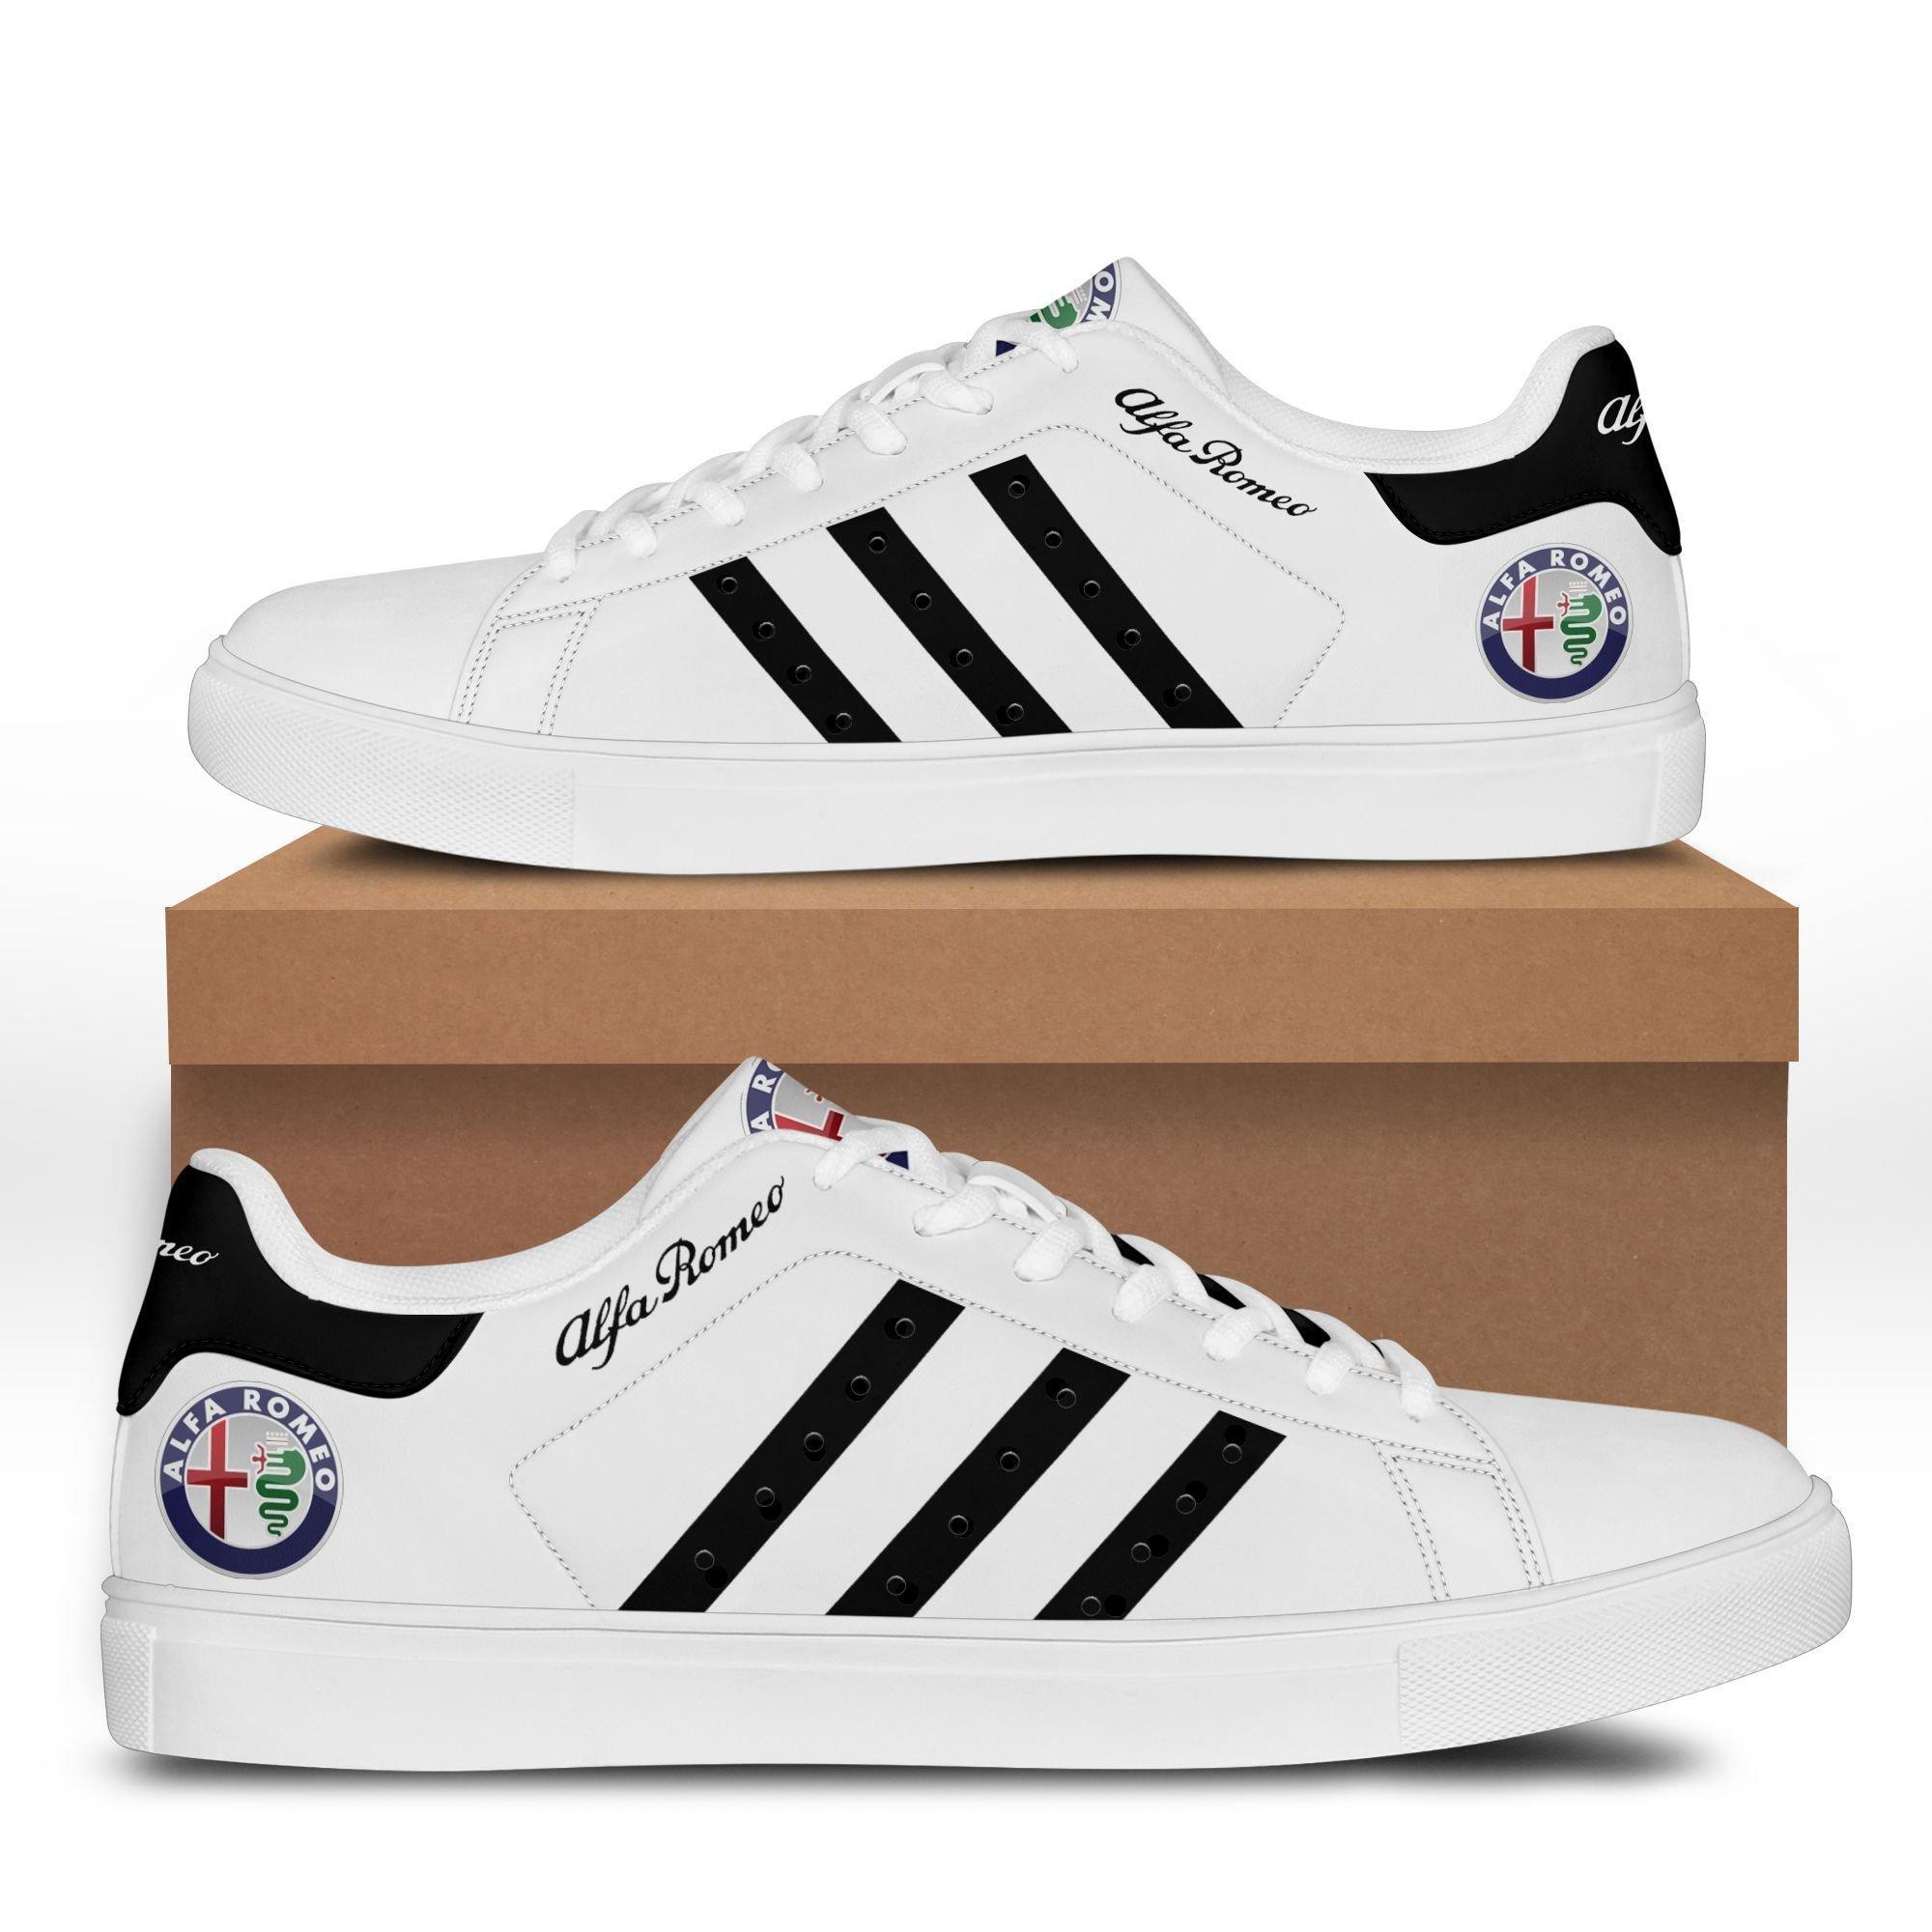 Alfa Romeo White Stan Smith Shoes